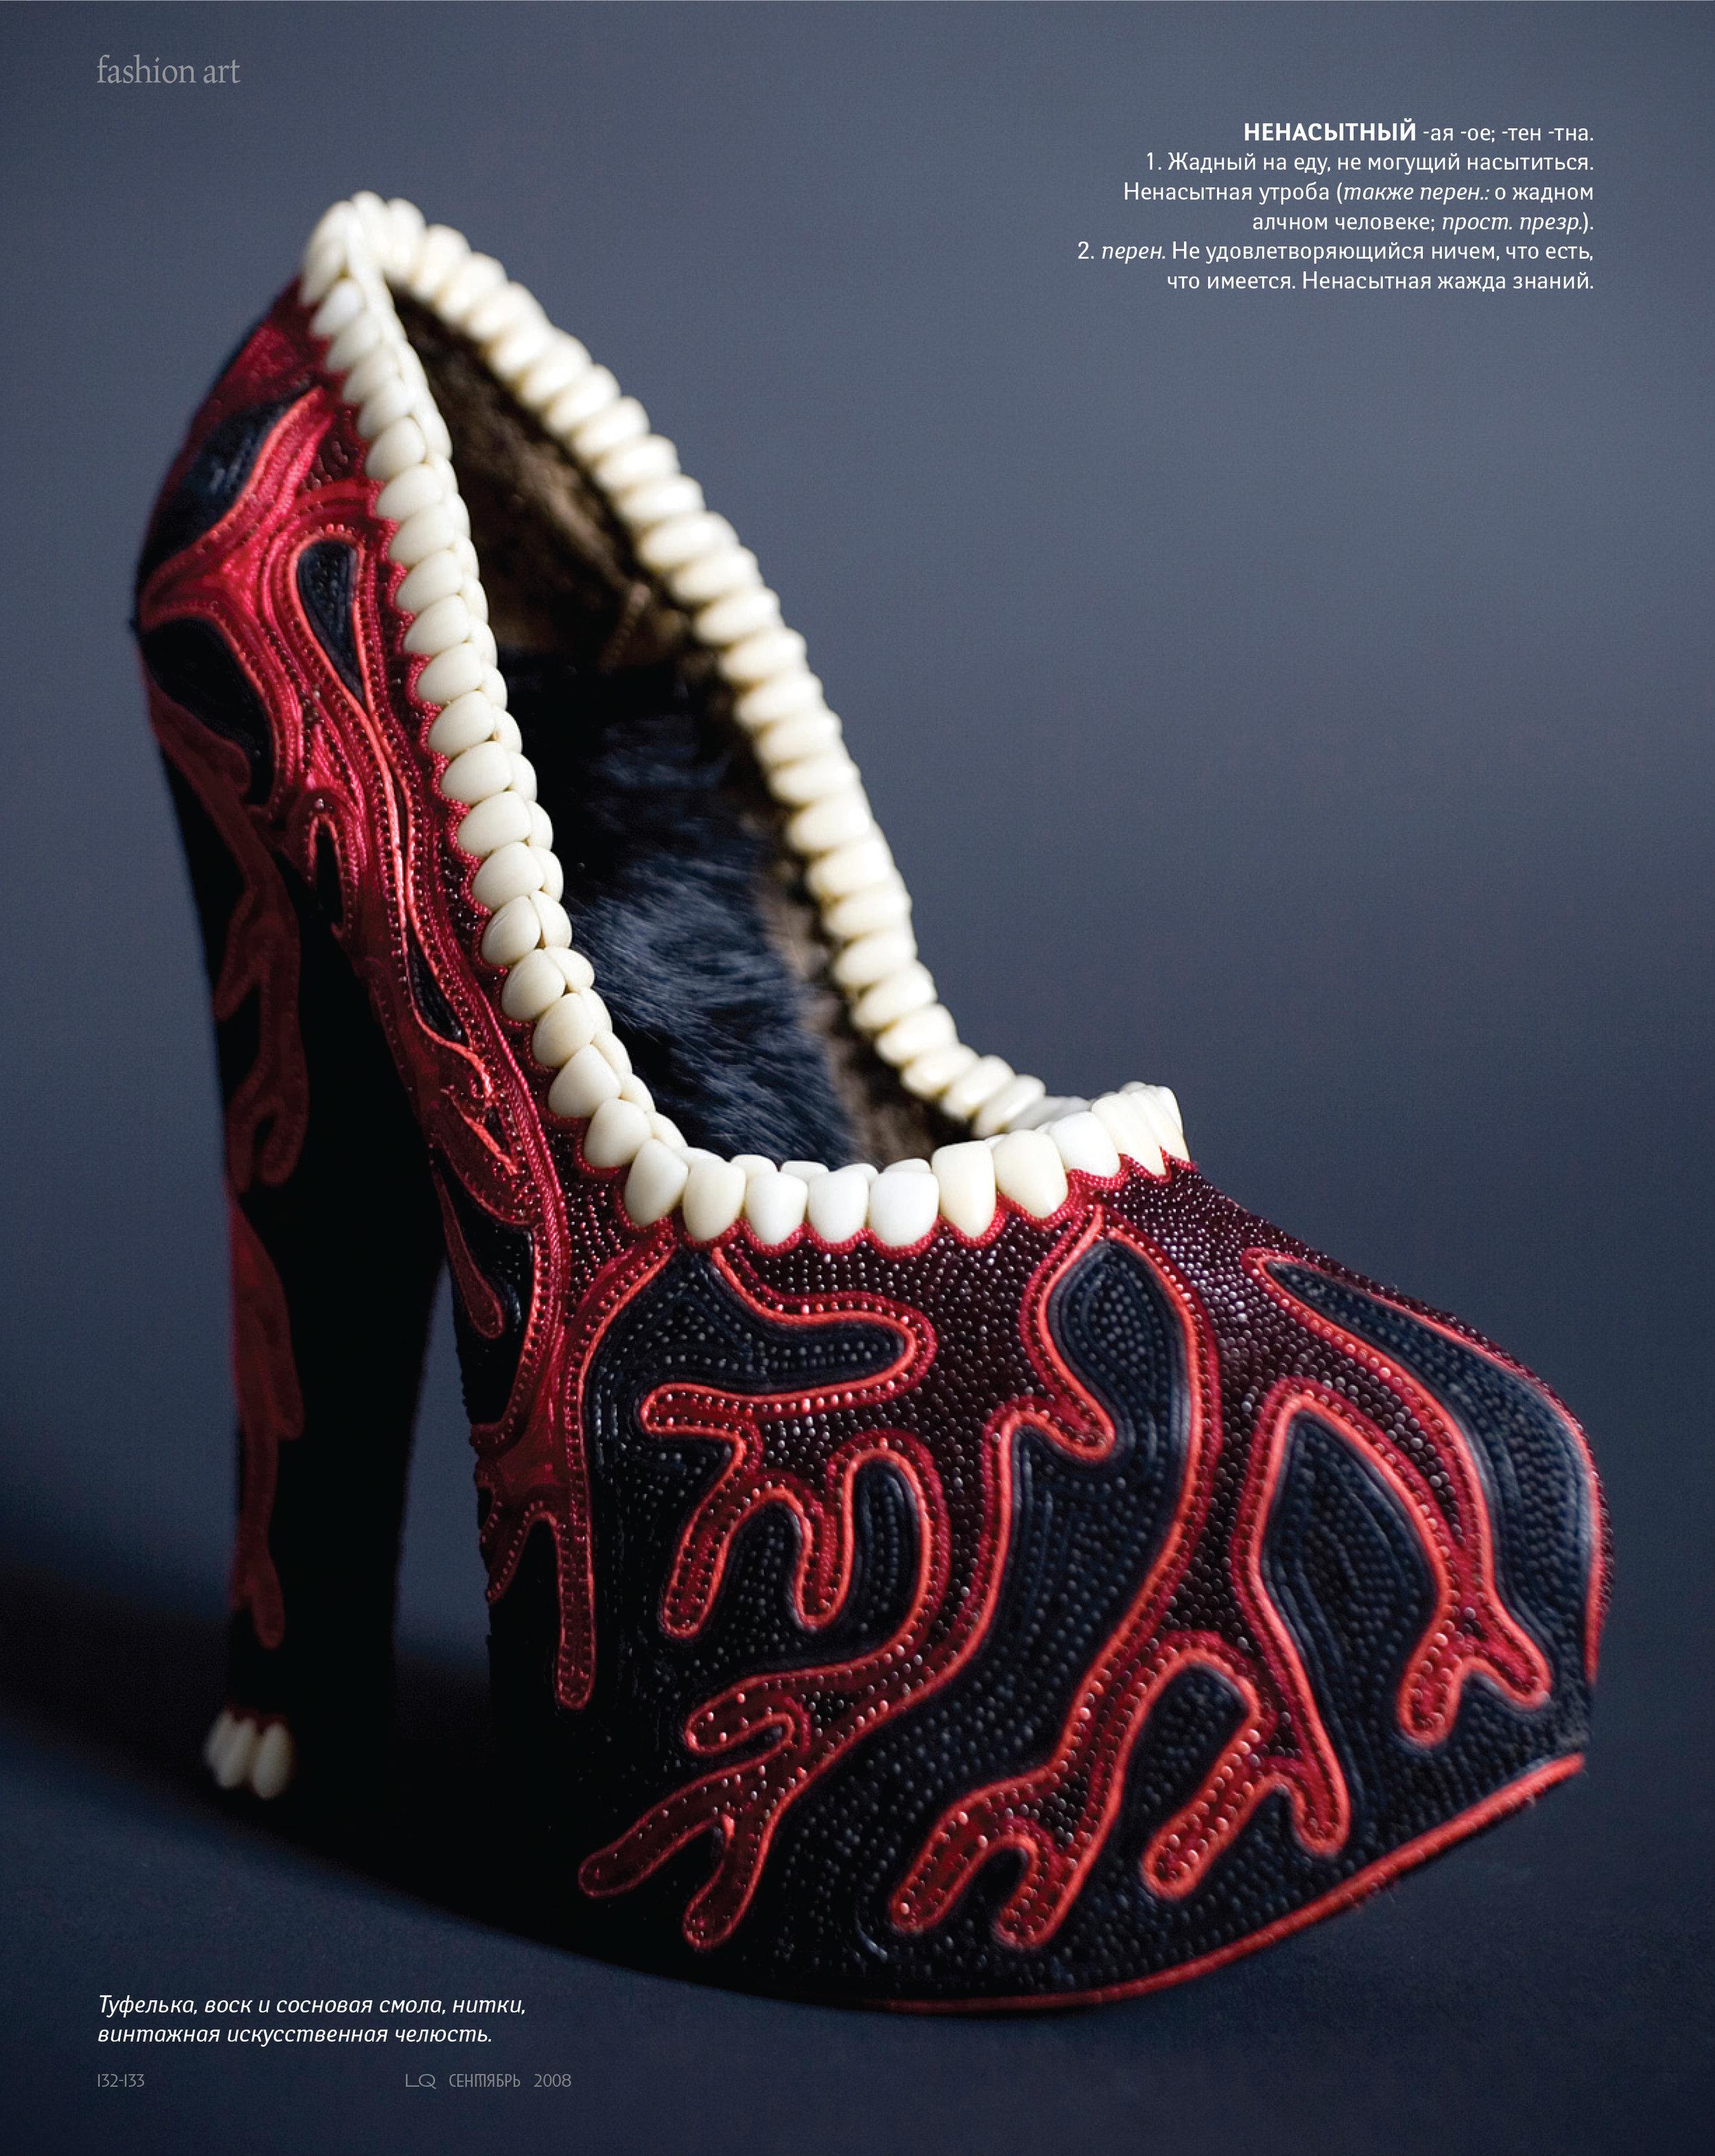 LQ_#09_2008_shoes-3.jpg